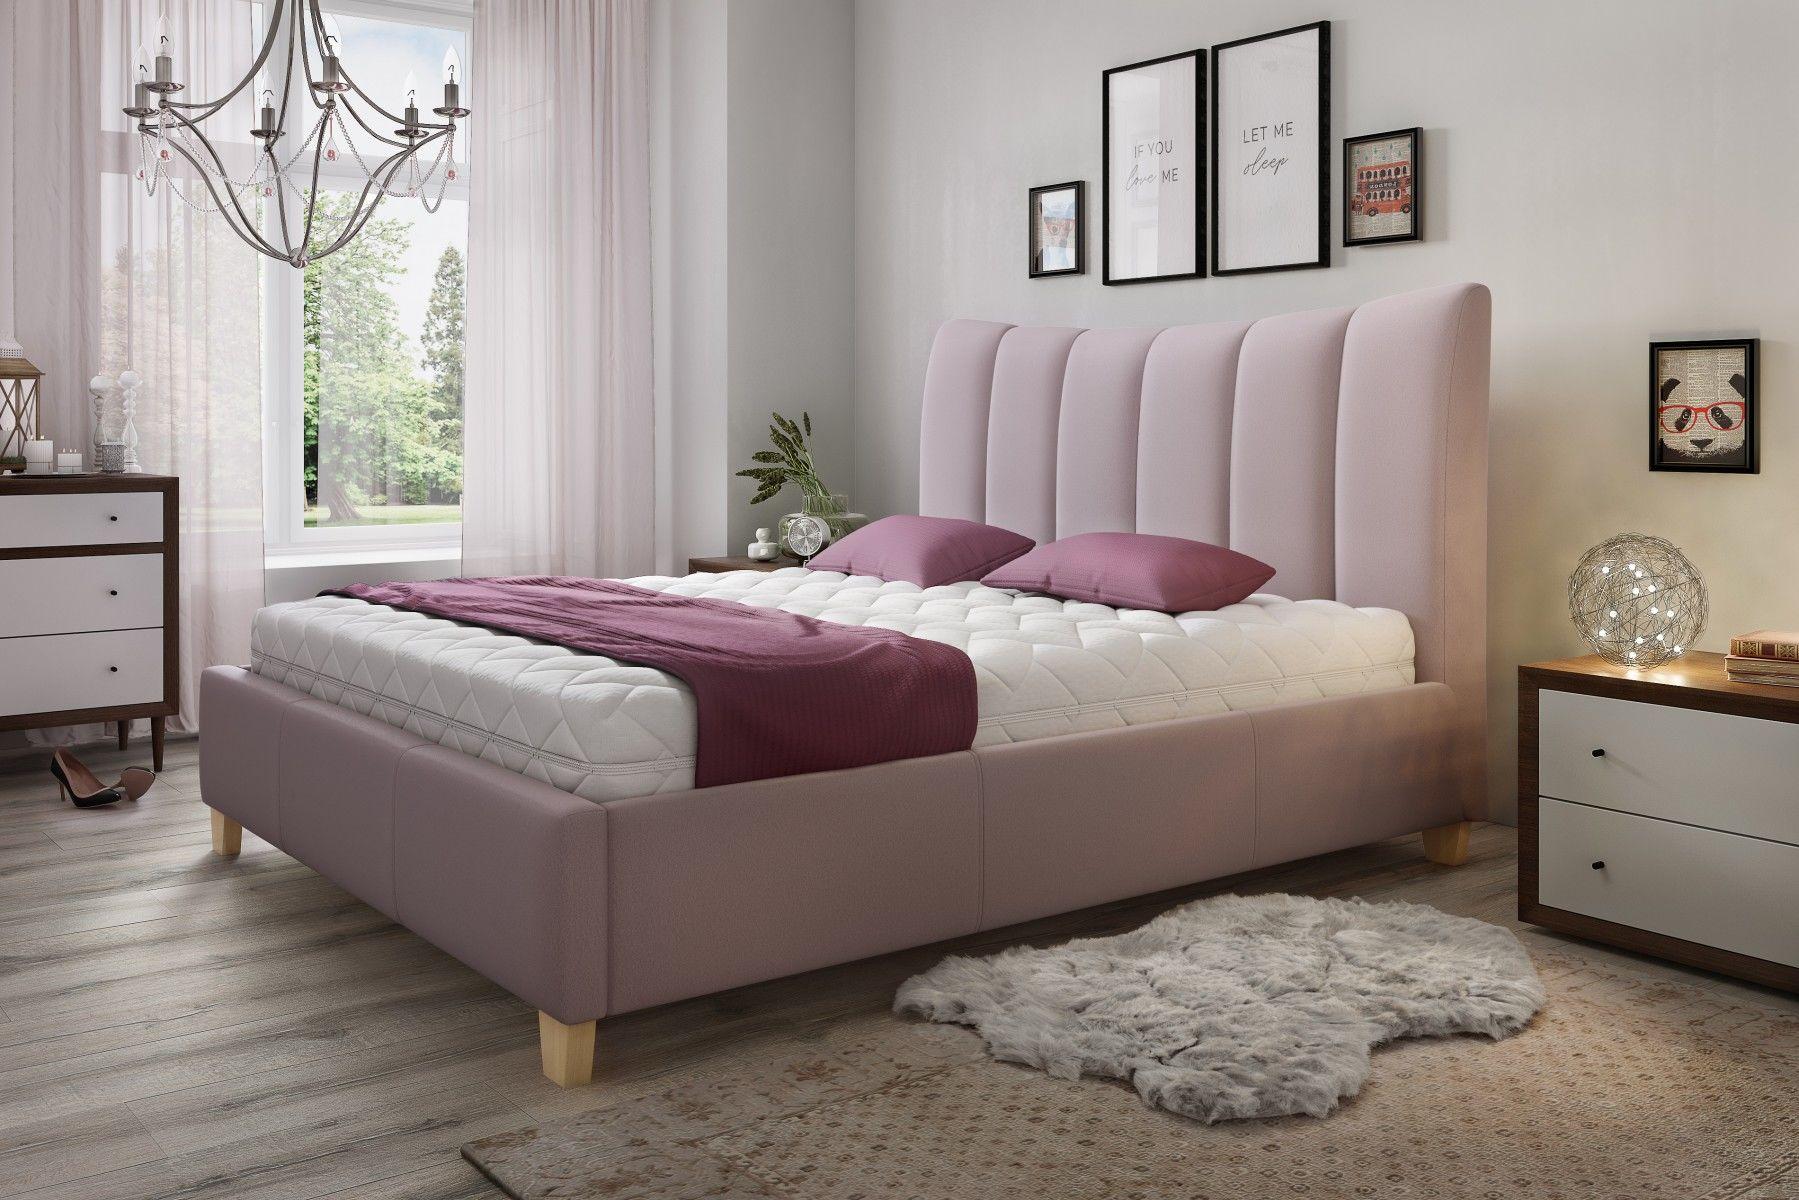 Łóżko tapicerowane ARIEL 160x200 z pojemnikiem i stelażem - tapicerka do wyboru!